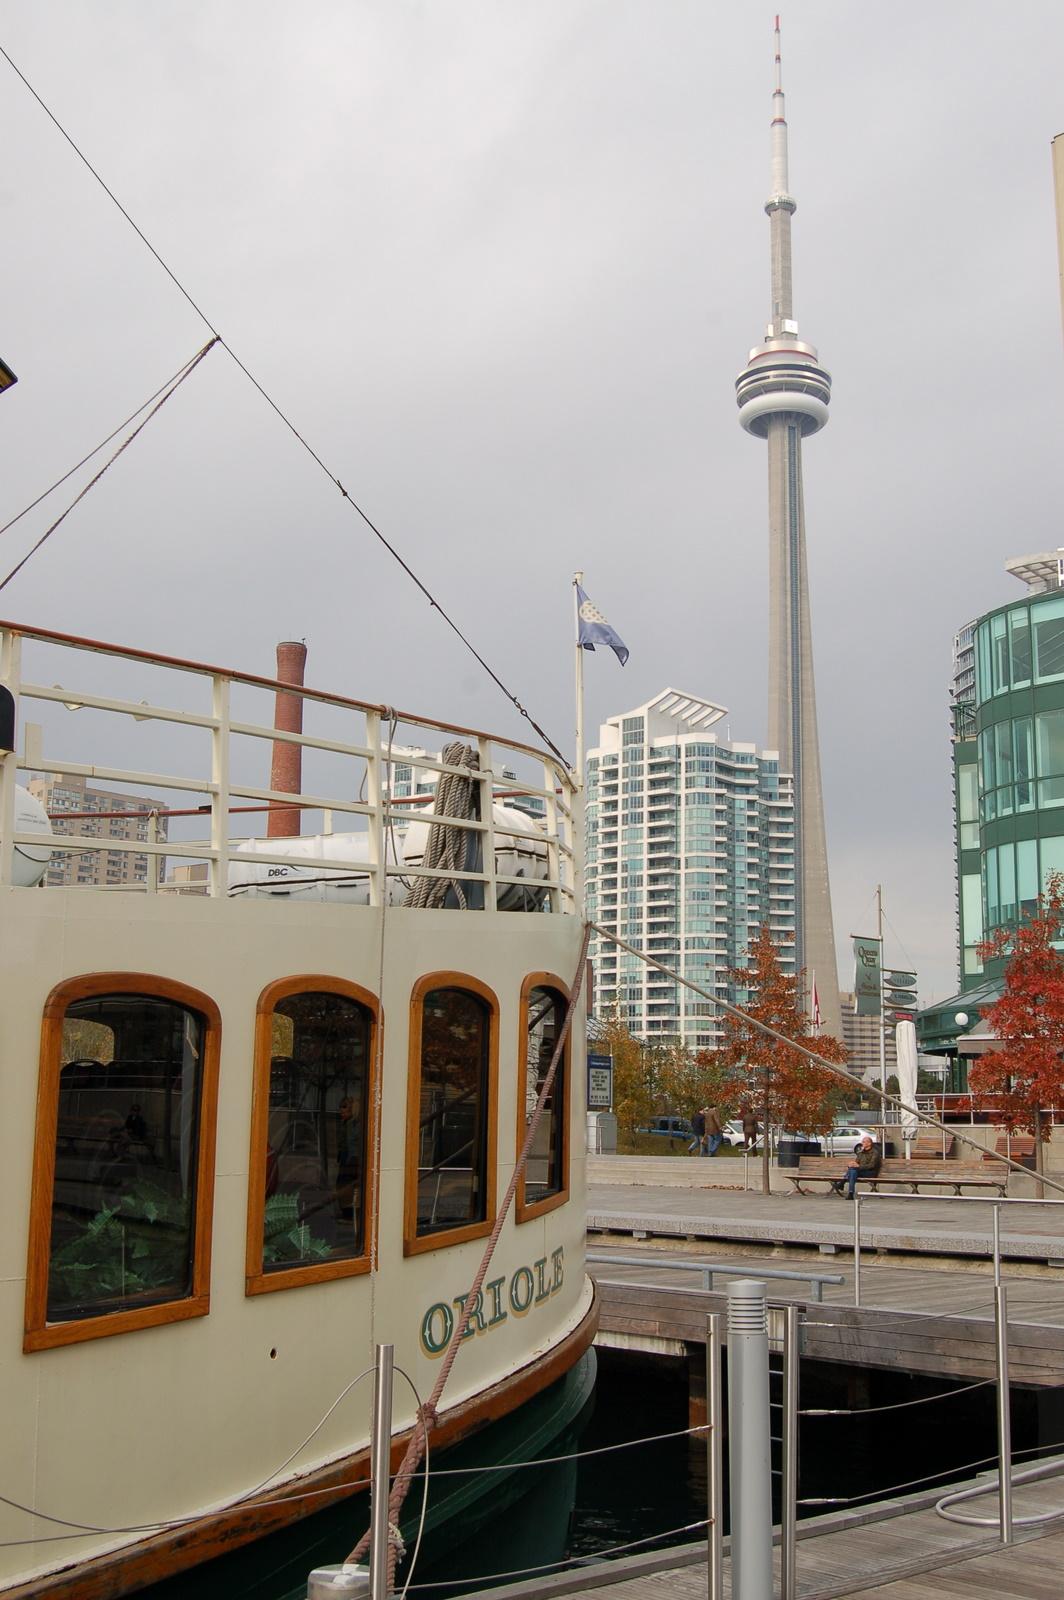 Boat   CN toiwr